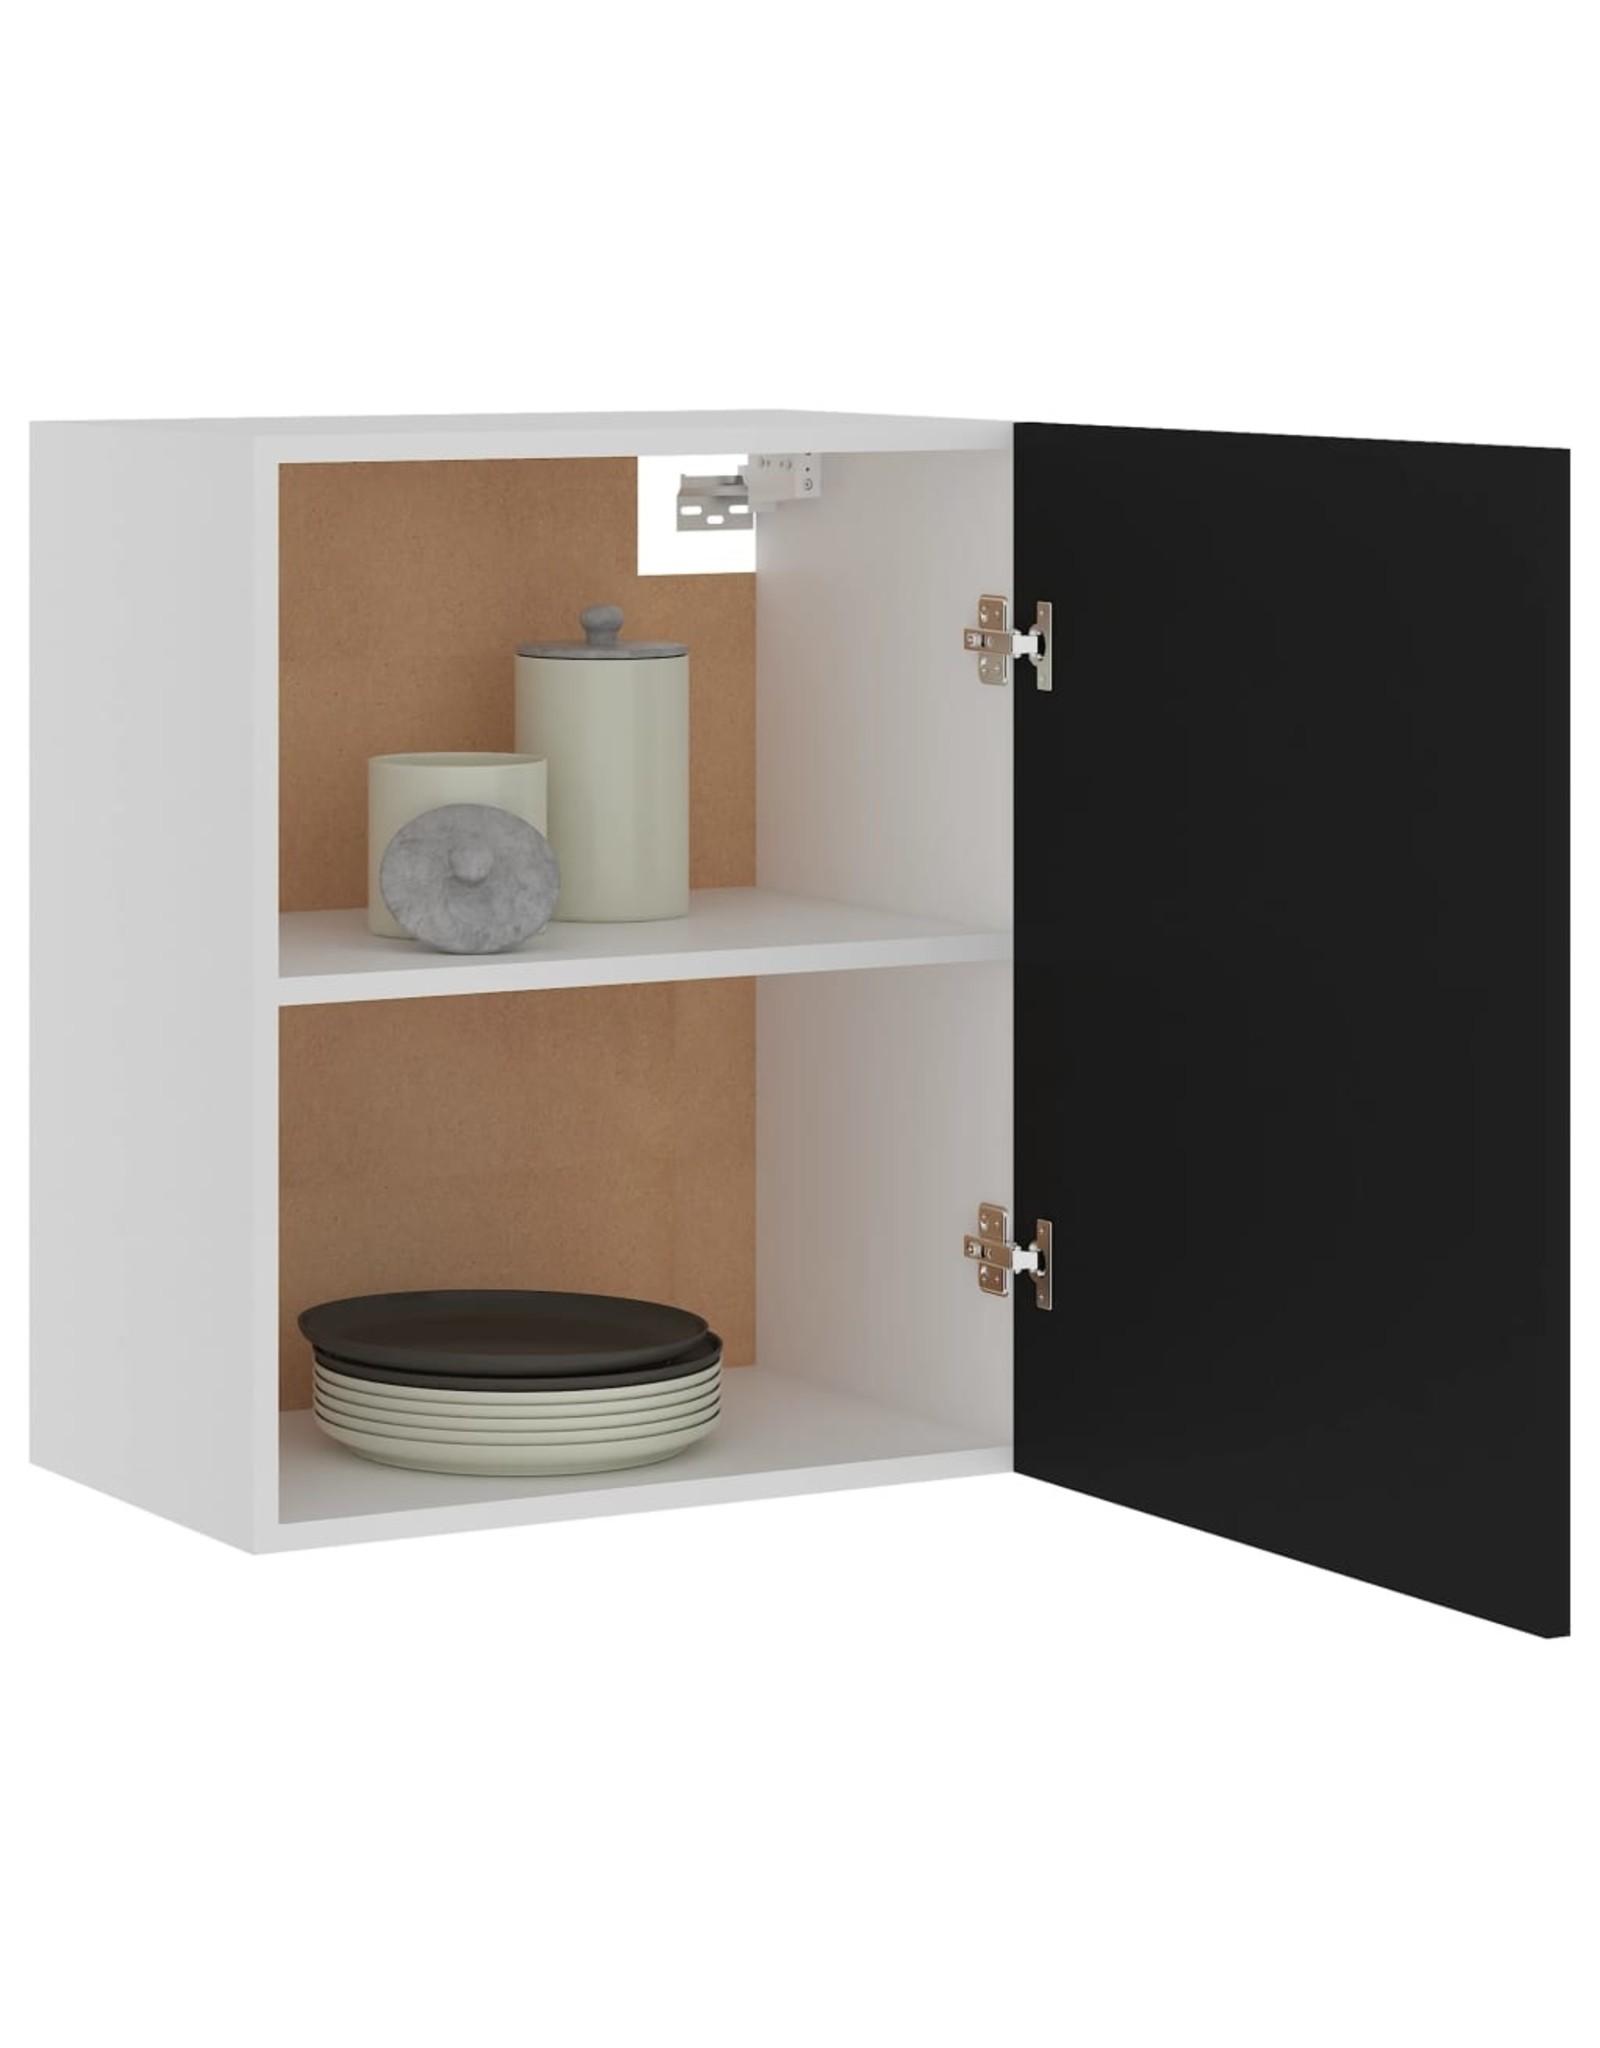 Hangkast 50x31x60 cm spaanplaat zwart